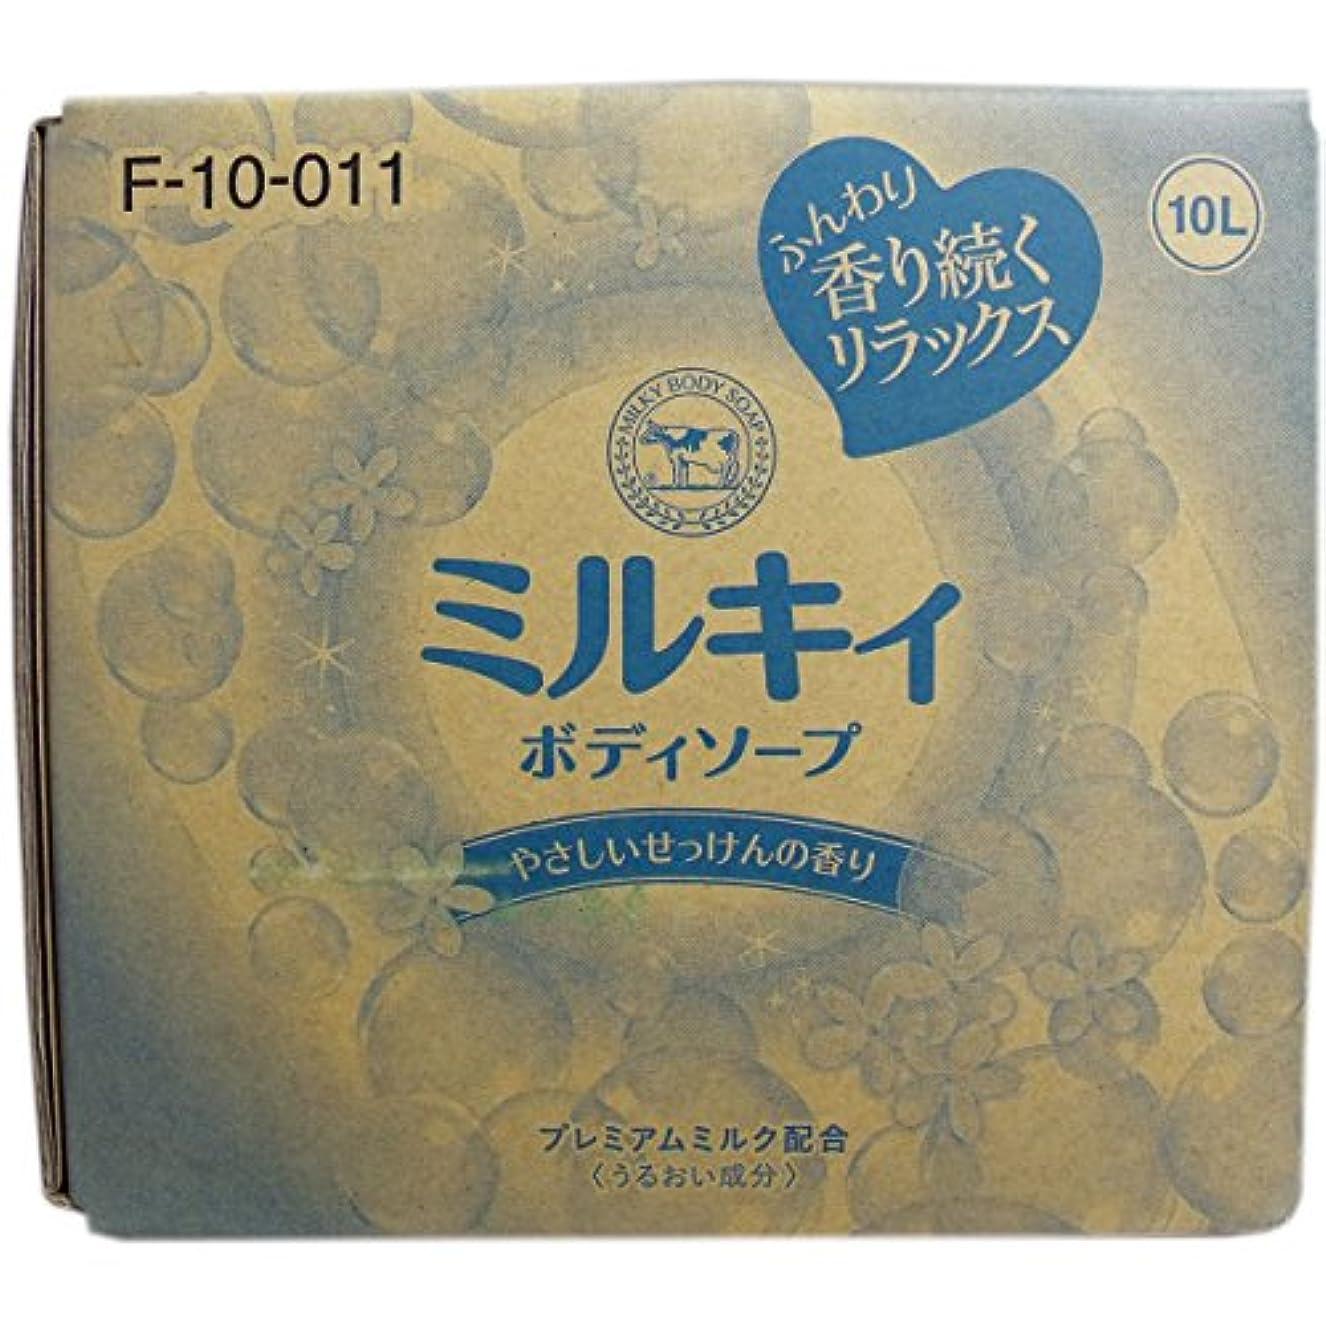 世界カニ回るミルキィ ボディソープ やさしいせっけんの香り 業務用 10L